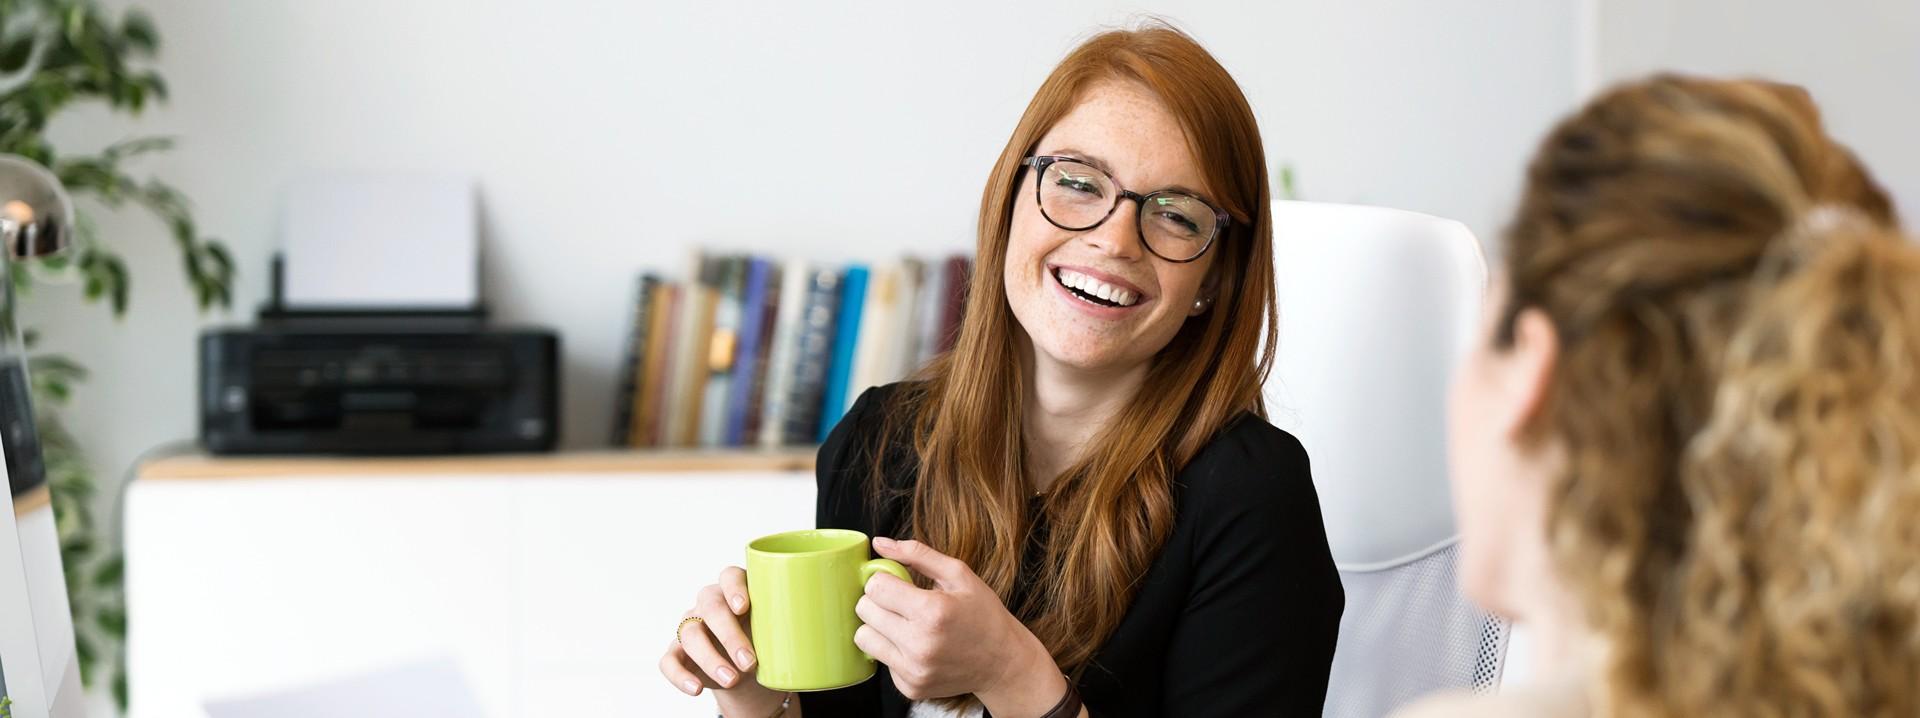 Eine circa 20-jährige Auszubildende macht am Platz kaffeepause mit ihrer Kollegin.